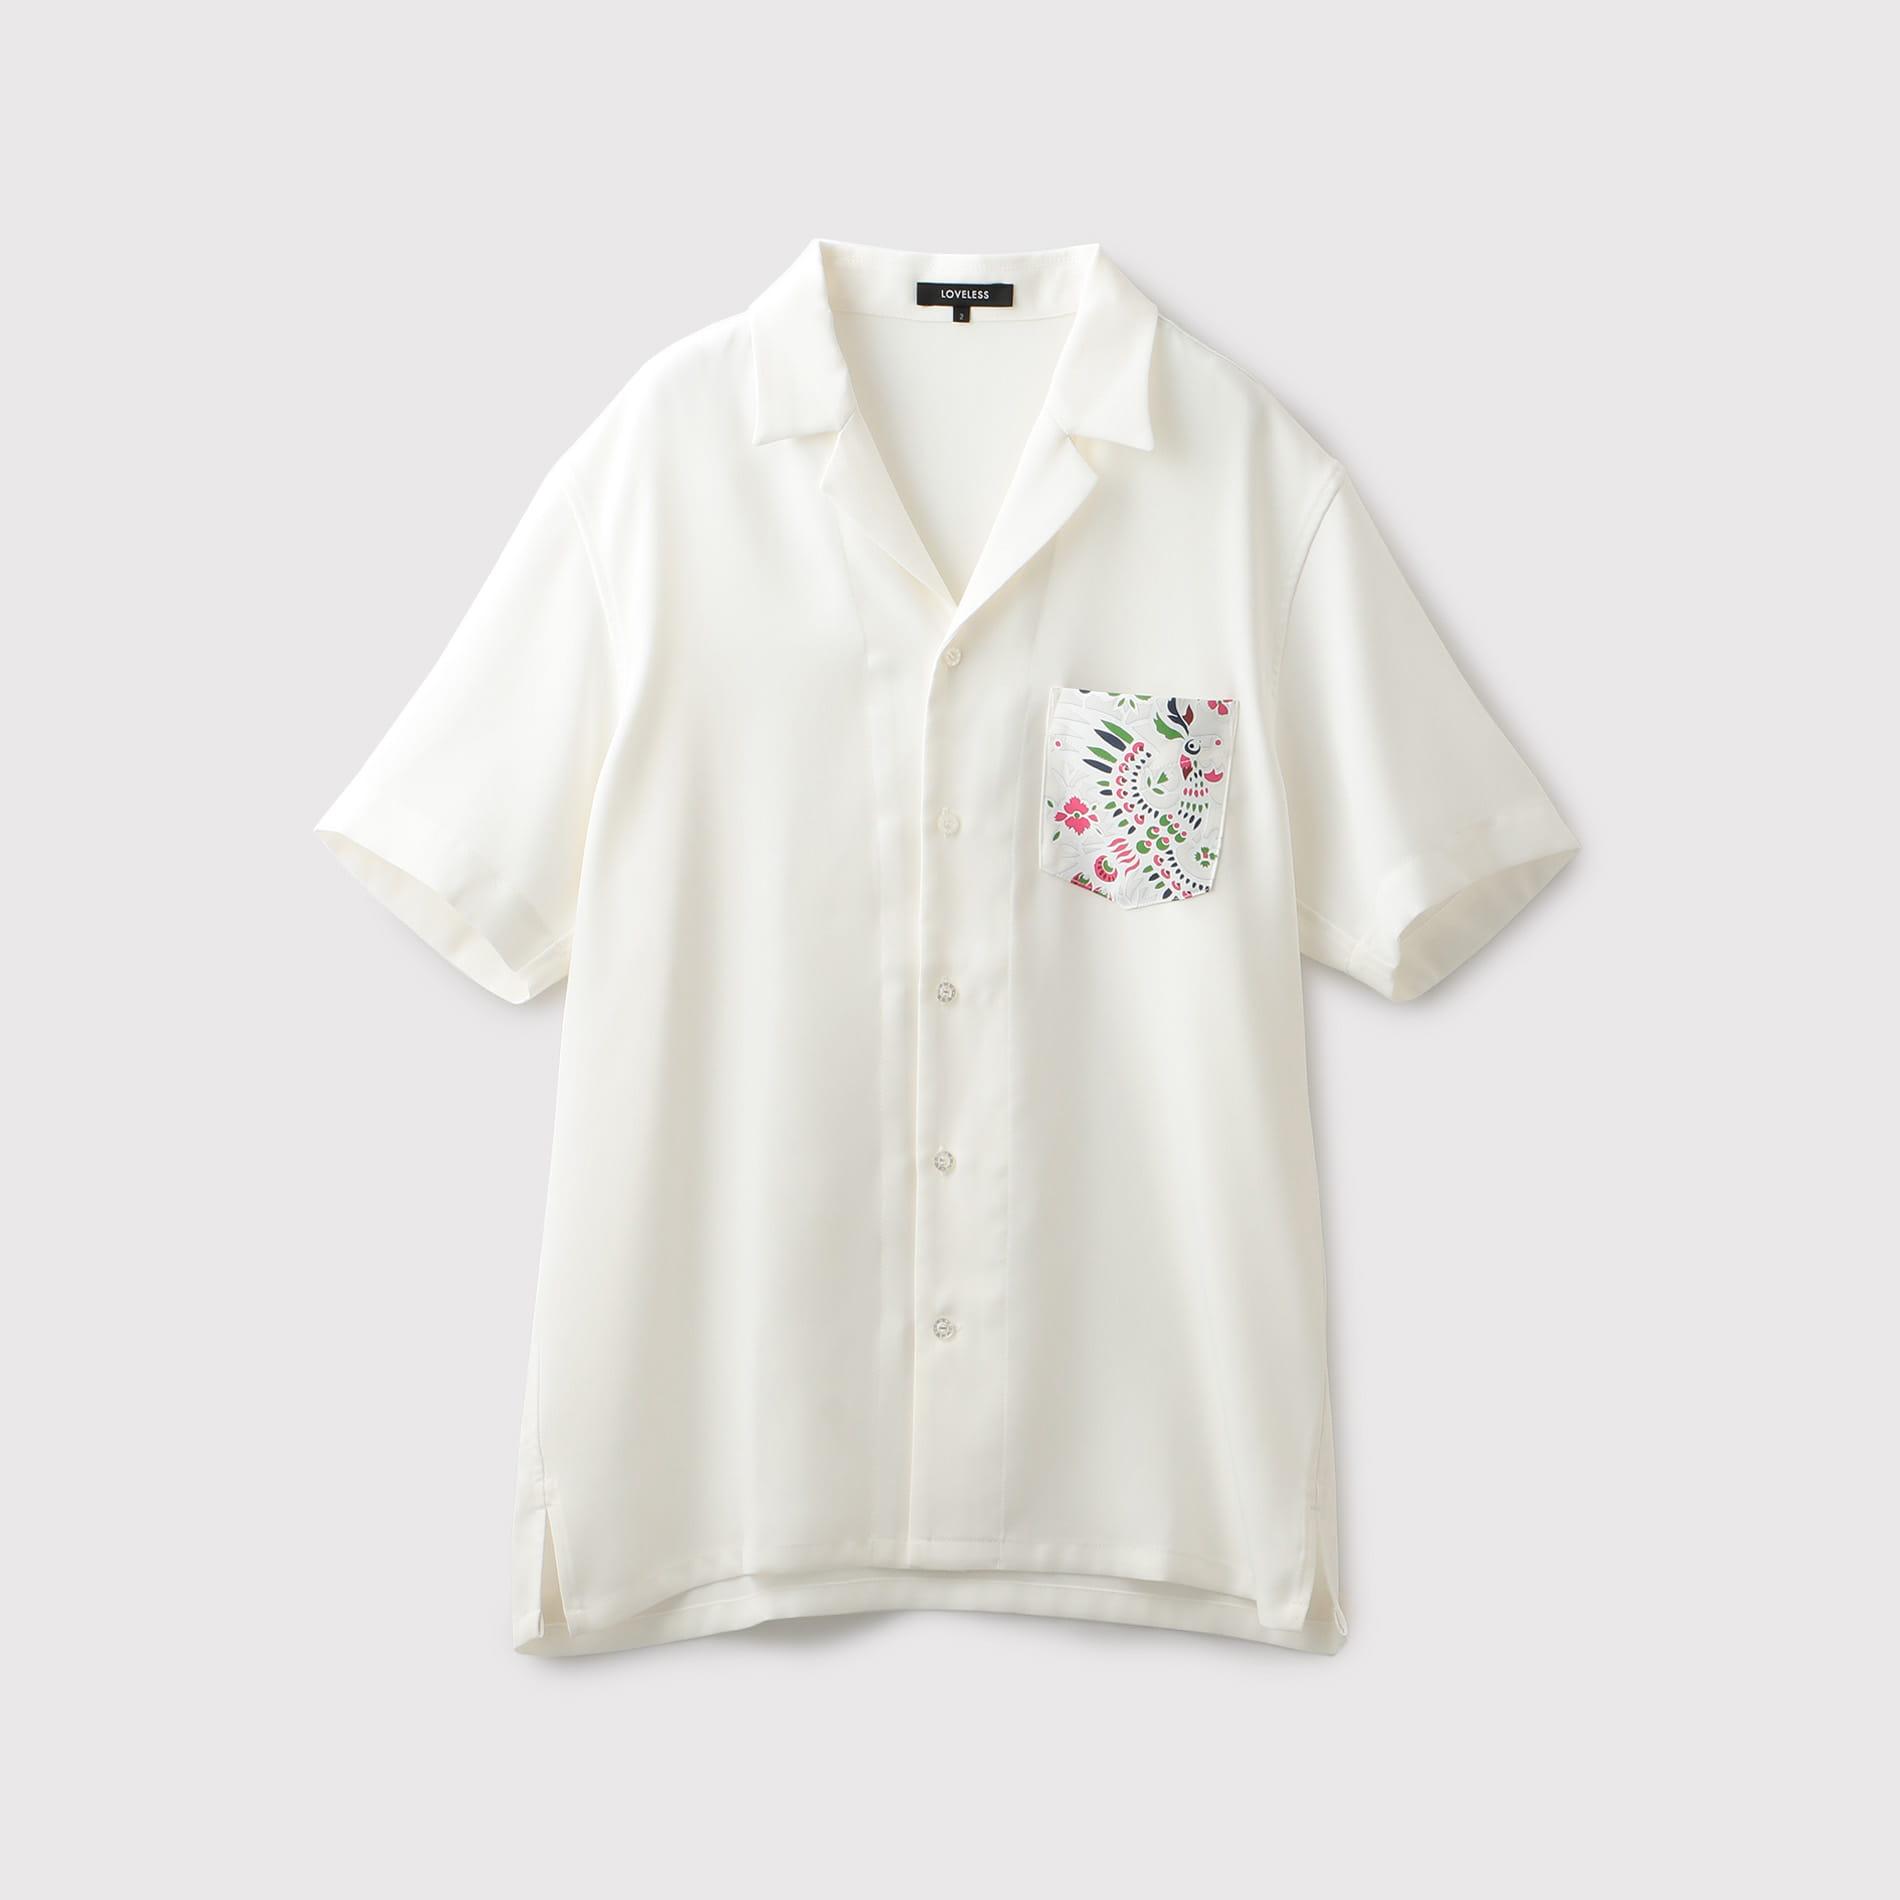 韓美林 鳳凰ポケット オープンカラーシャツ